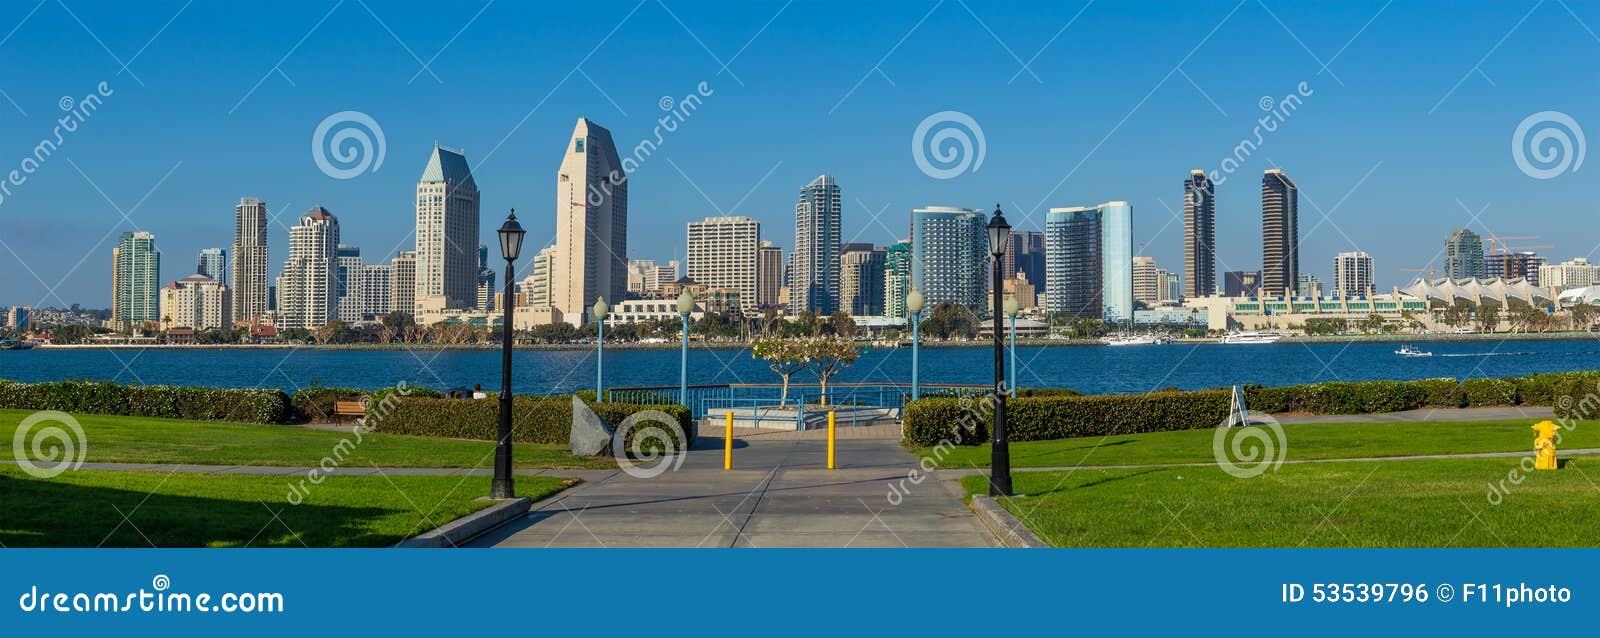 panorama del centro de la ciudad de san diego california foto de archivo imagen 53539796. Black Bedroom Furniture Sets. Home Design Ideas